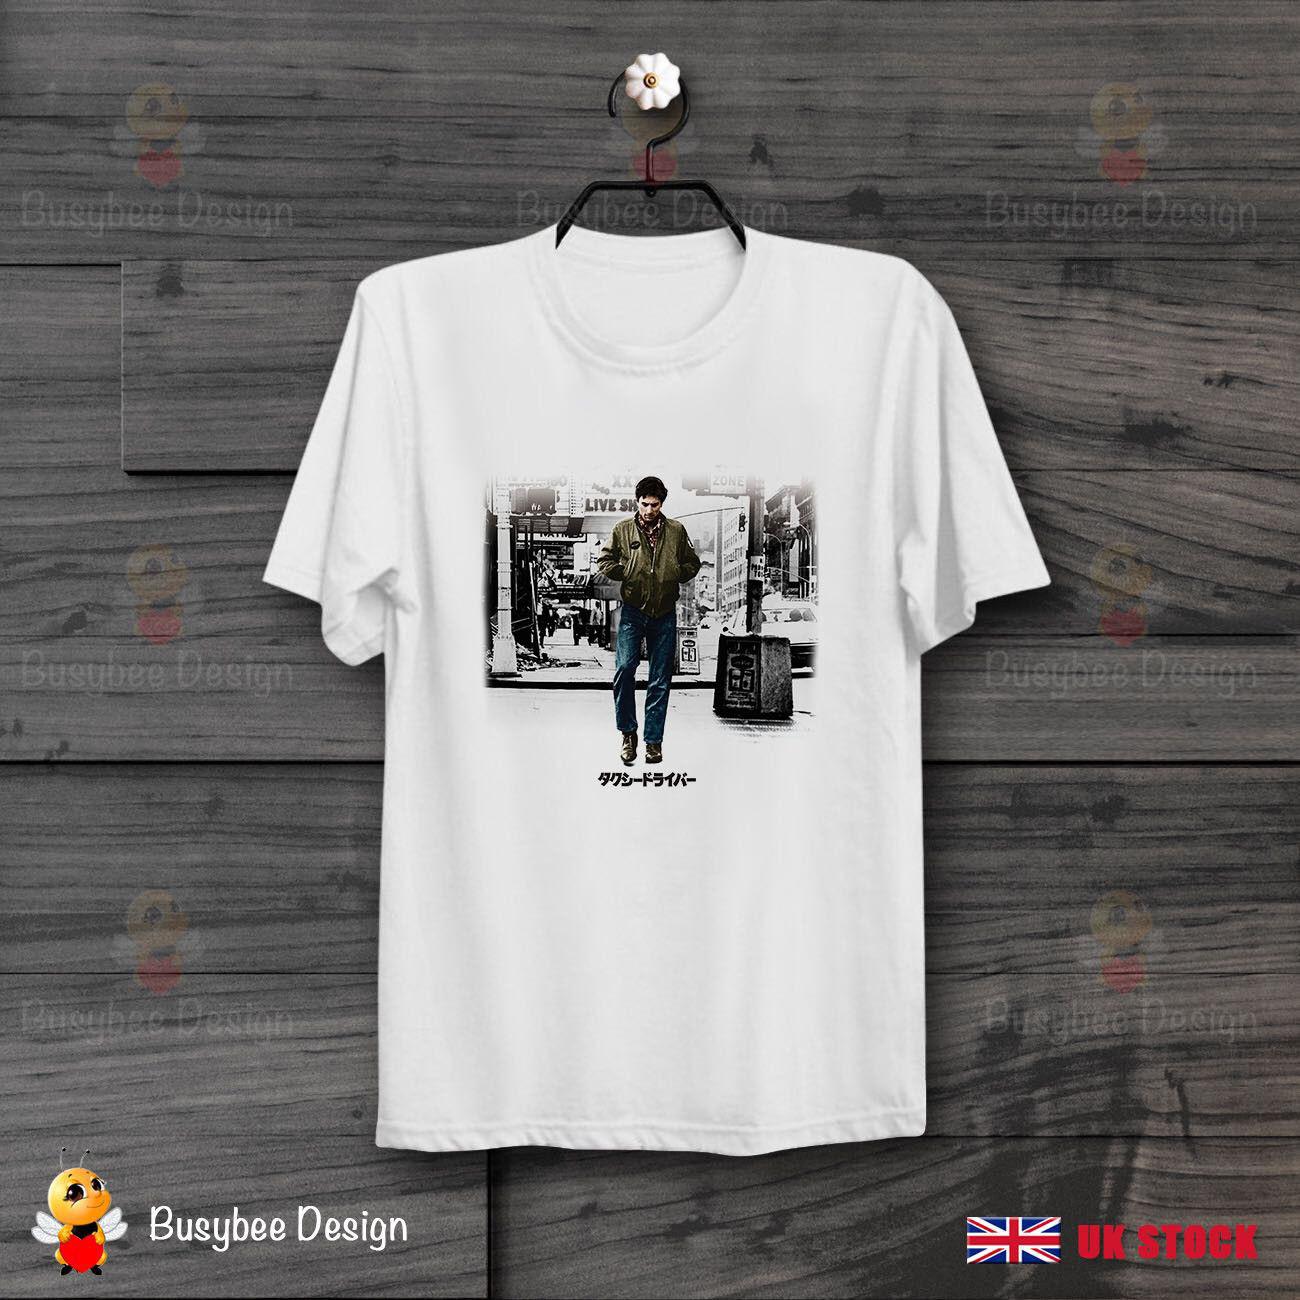 Póster De película De conductor De Taxi japonés De Niro 70S, camiseta Unisex De película Scorsese B102Cool Casual Pride, camiseta para hombres, moda Unisex